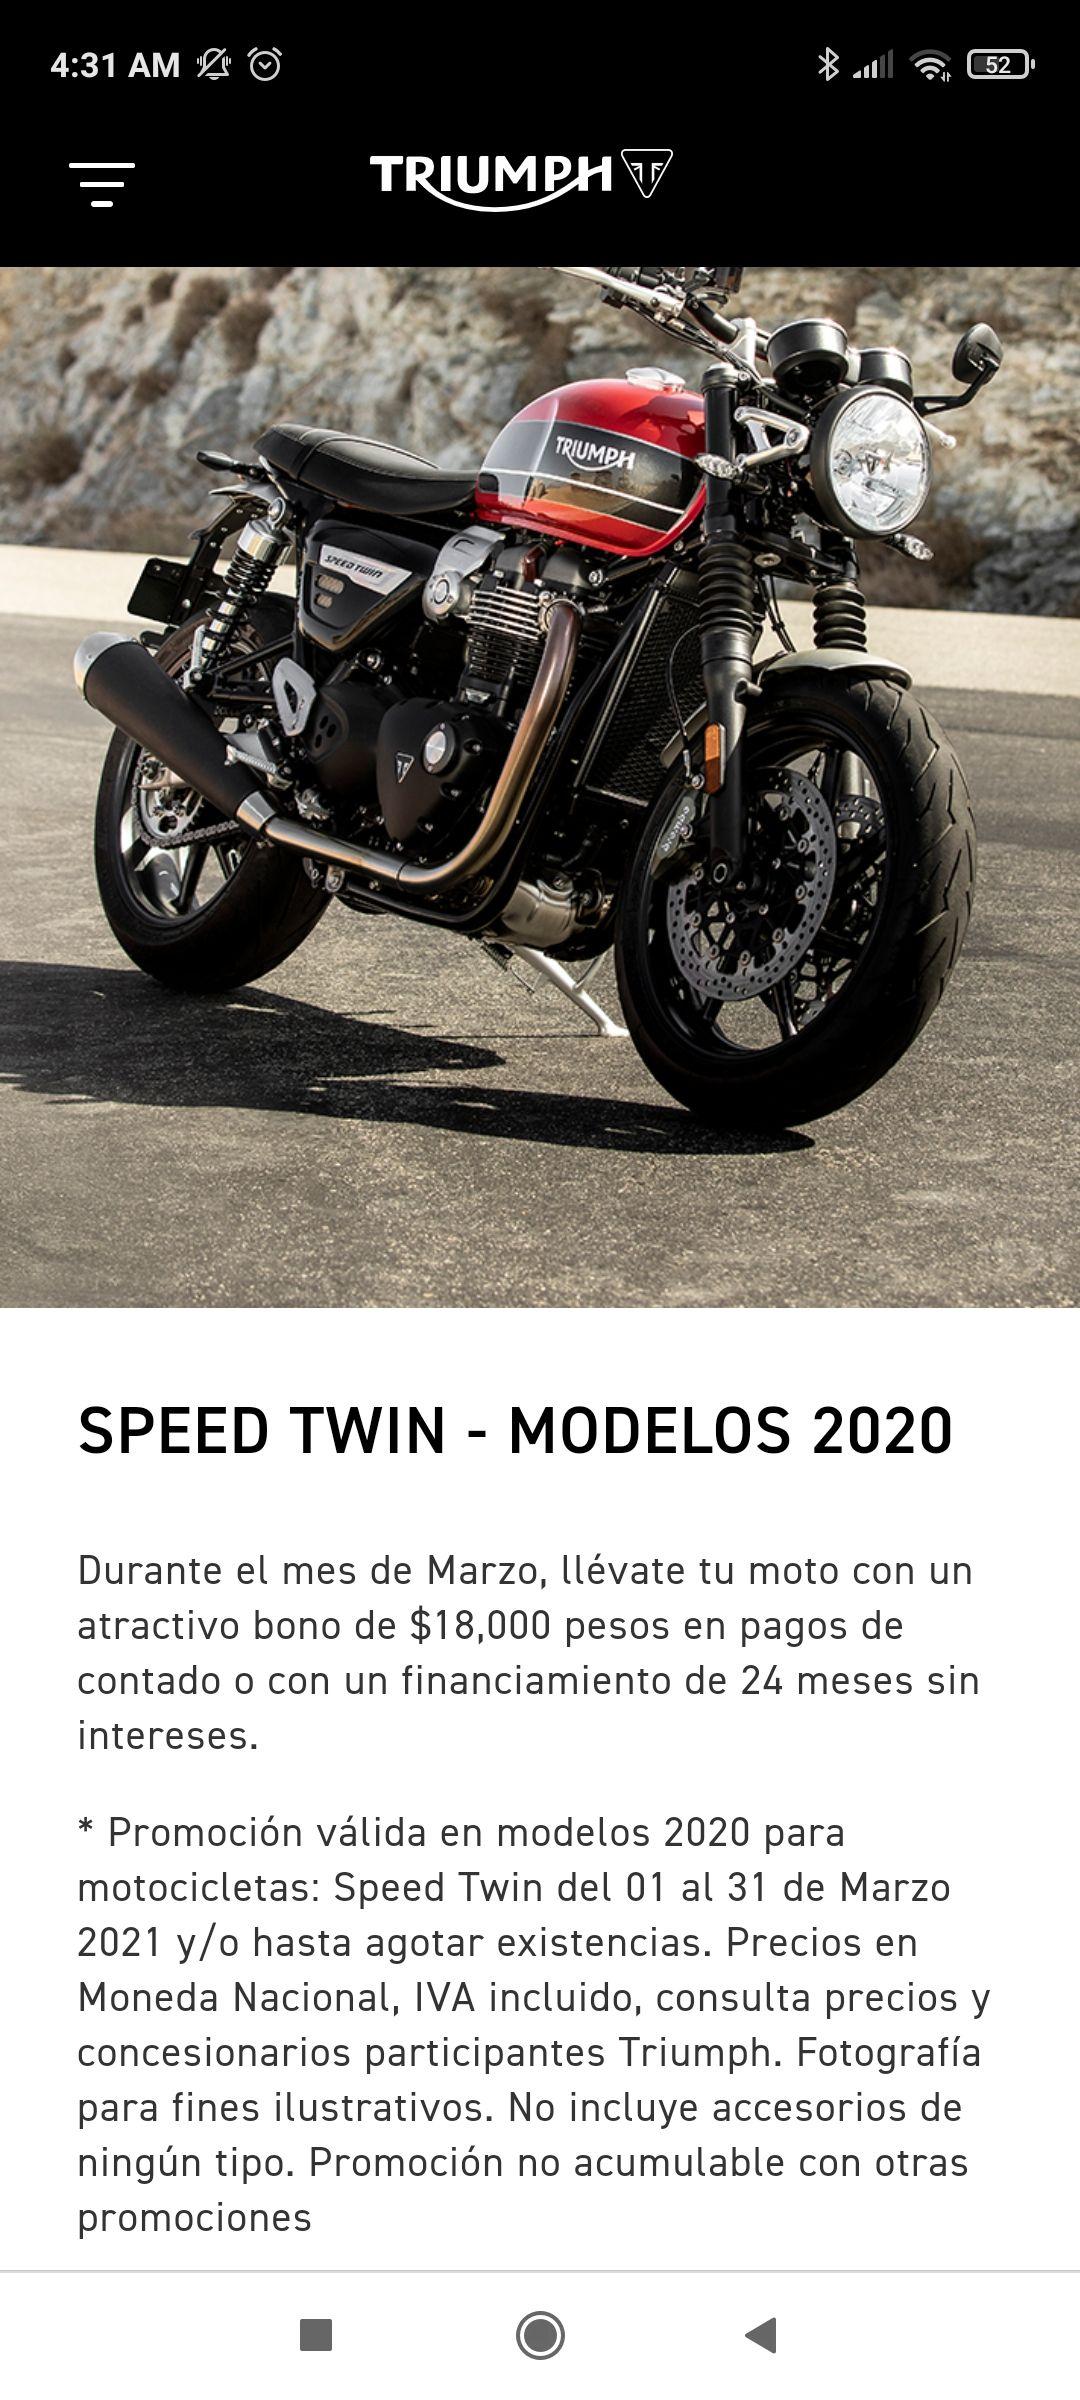 Triumph: speed twin 2020 a 24 meses sin intereses o bono de 18000 al contado